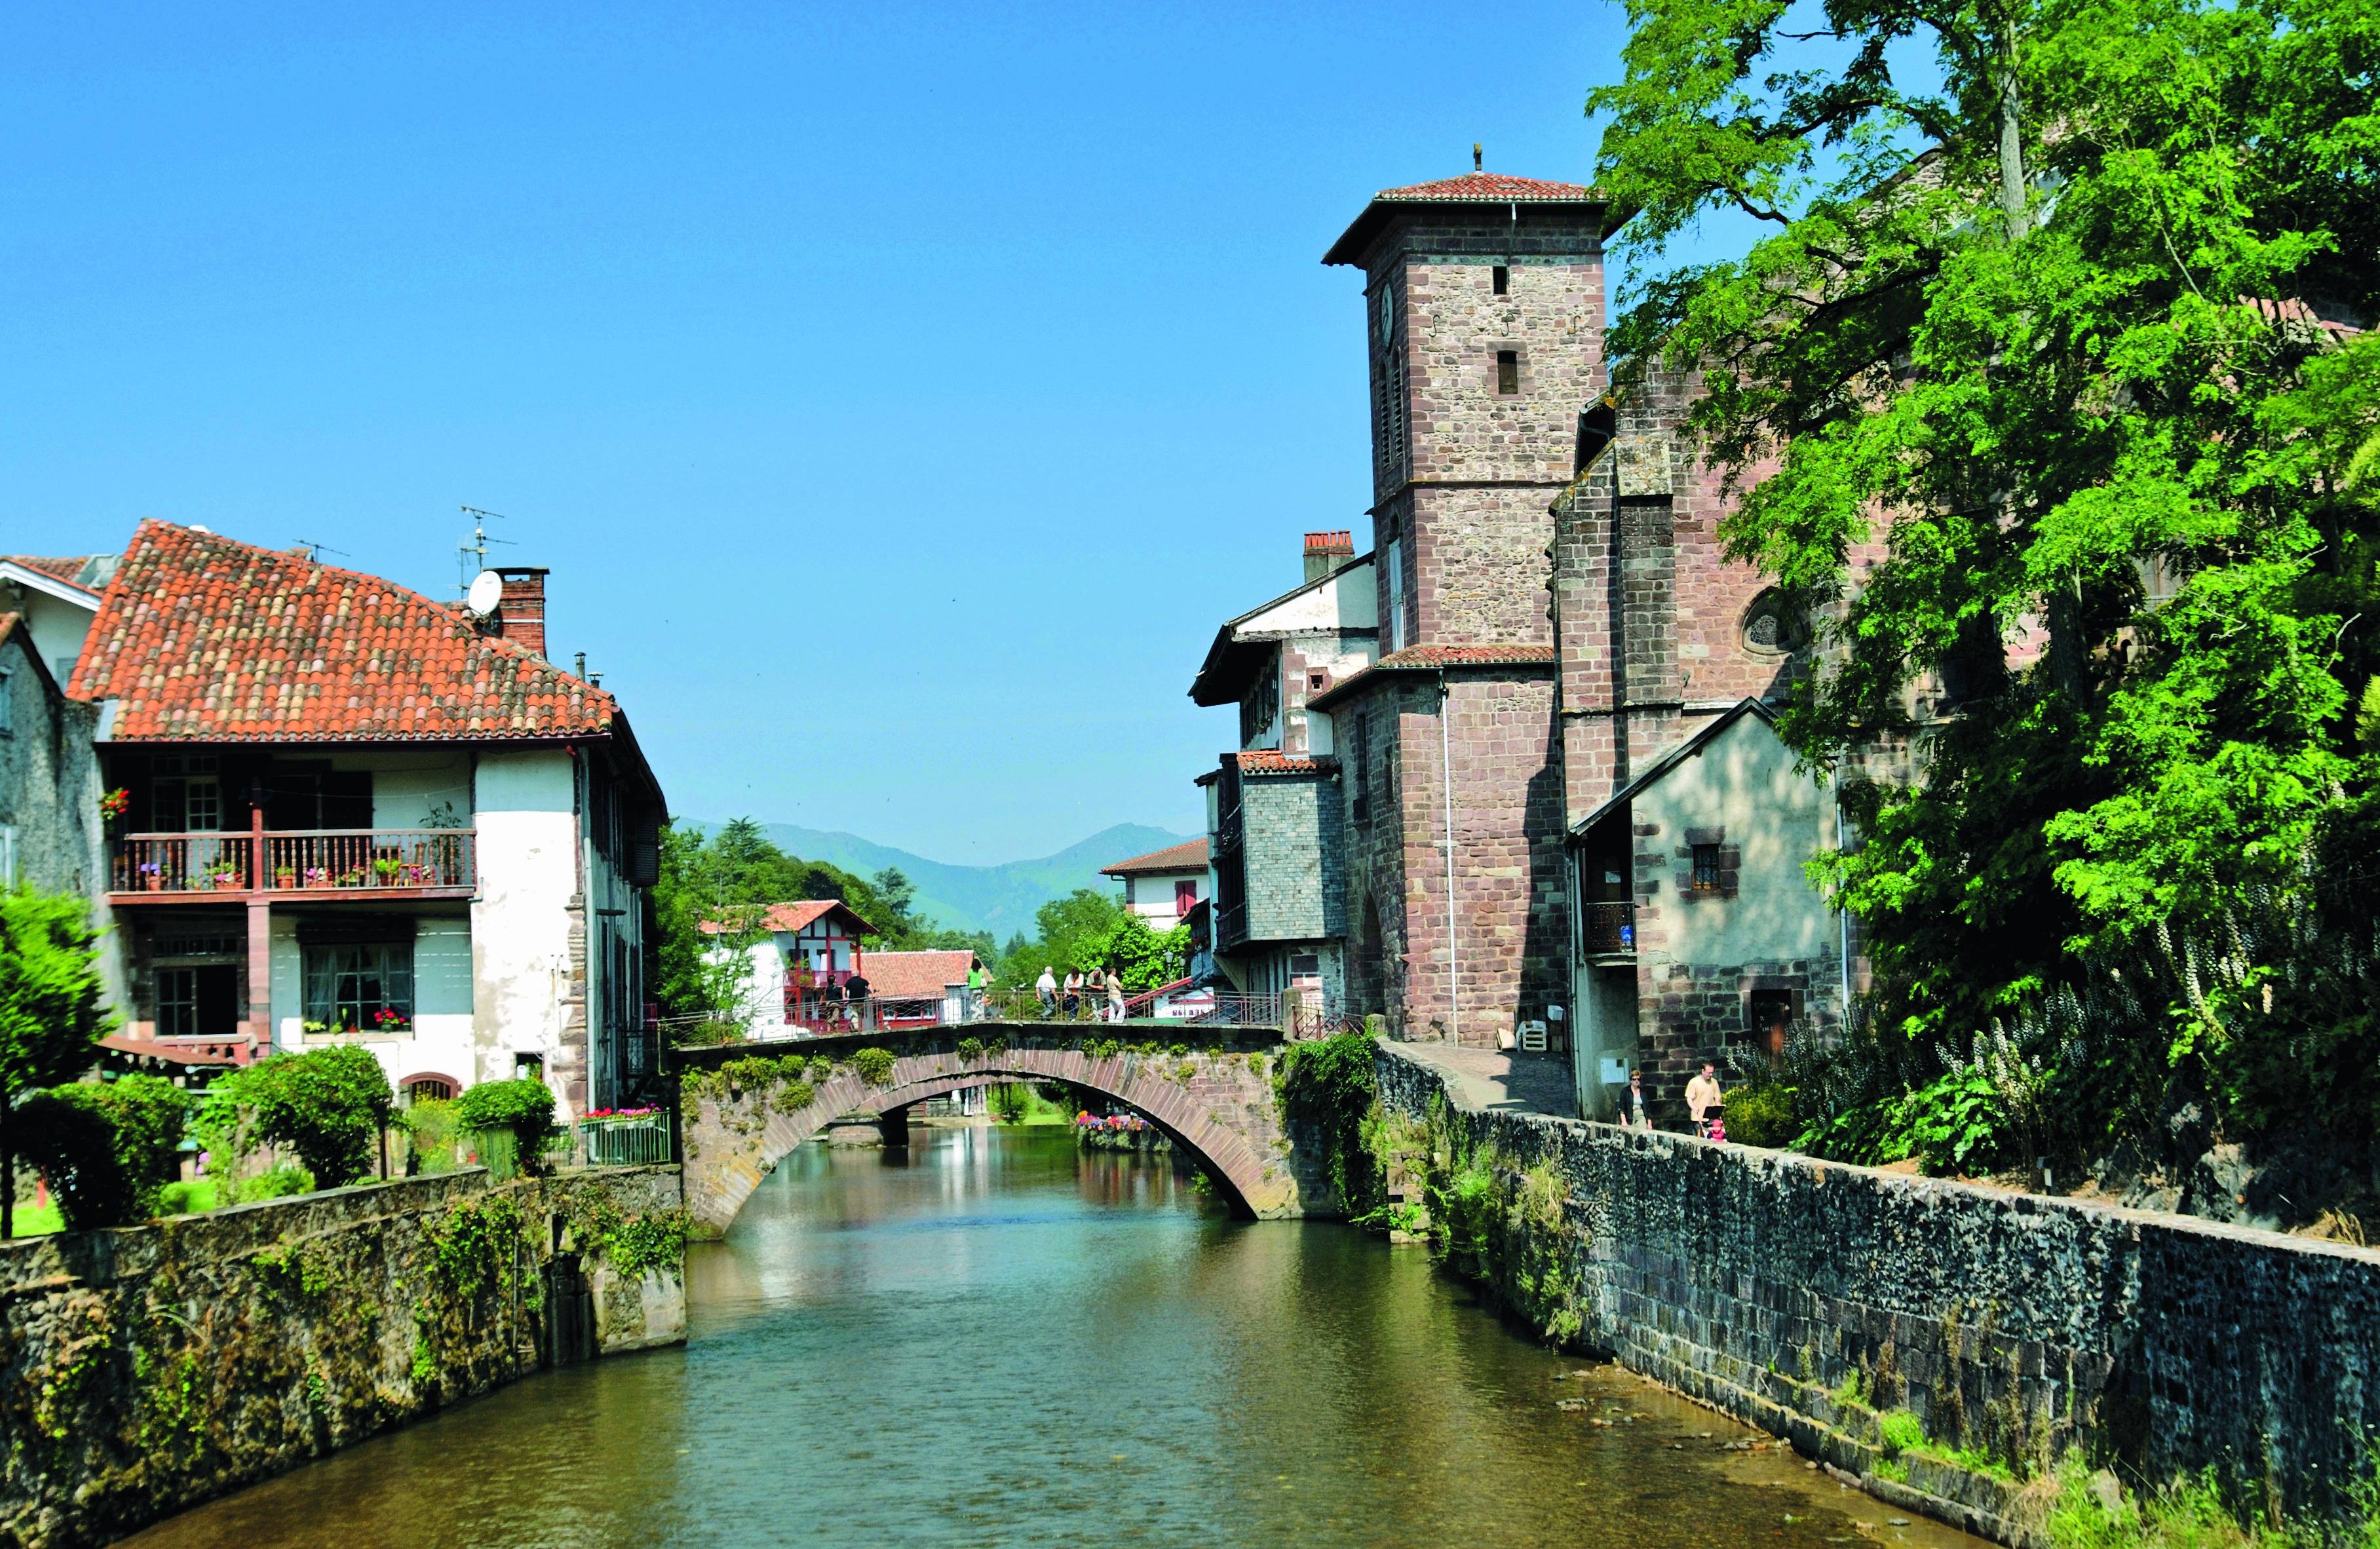 Residence Le Parc d'Arradoy, Pyrénées-Atlantiques